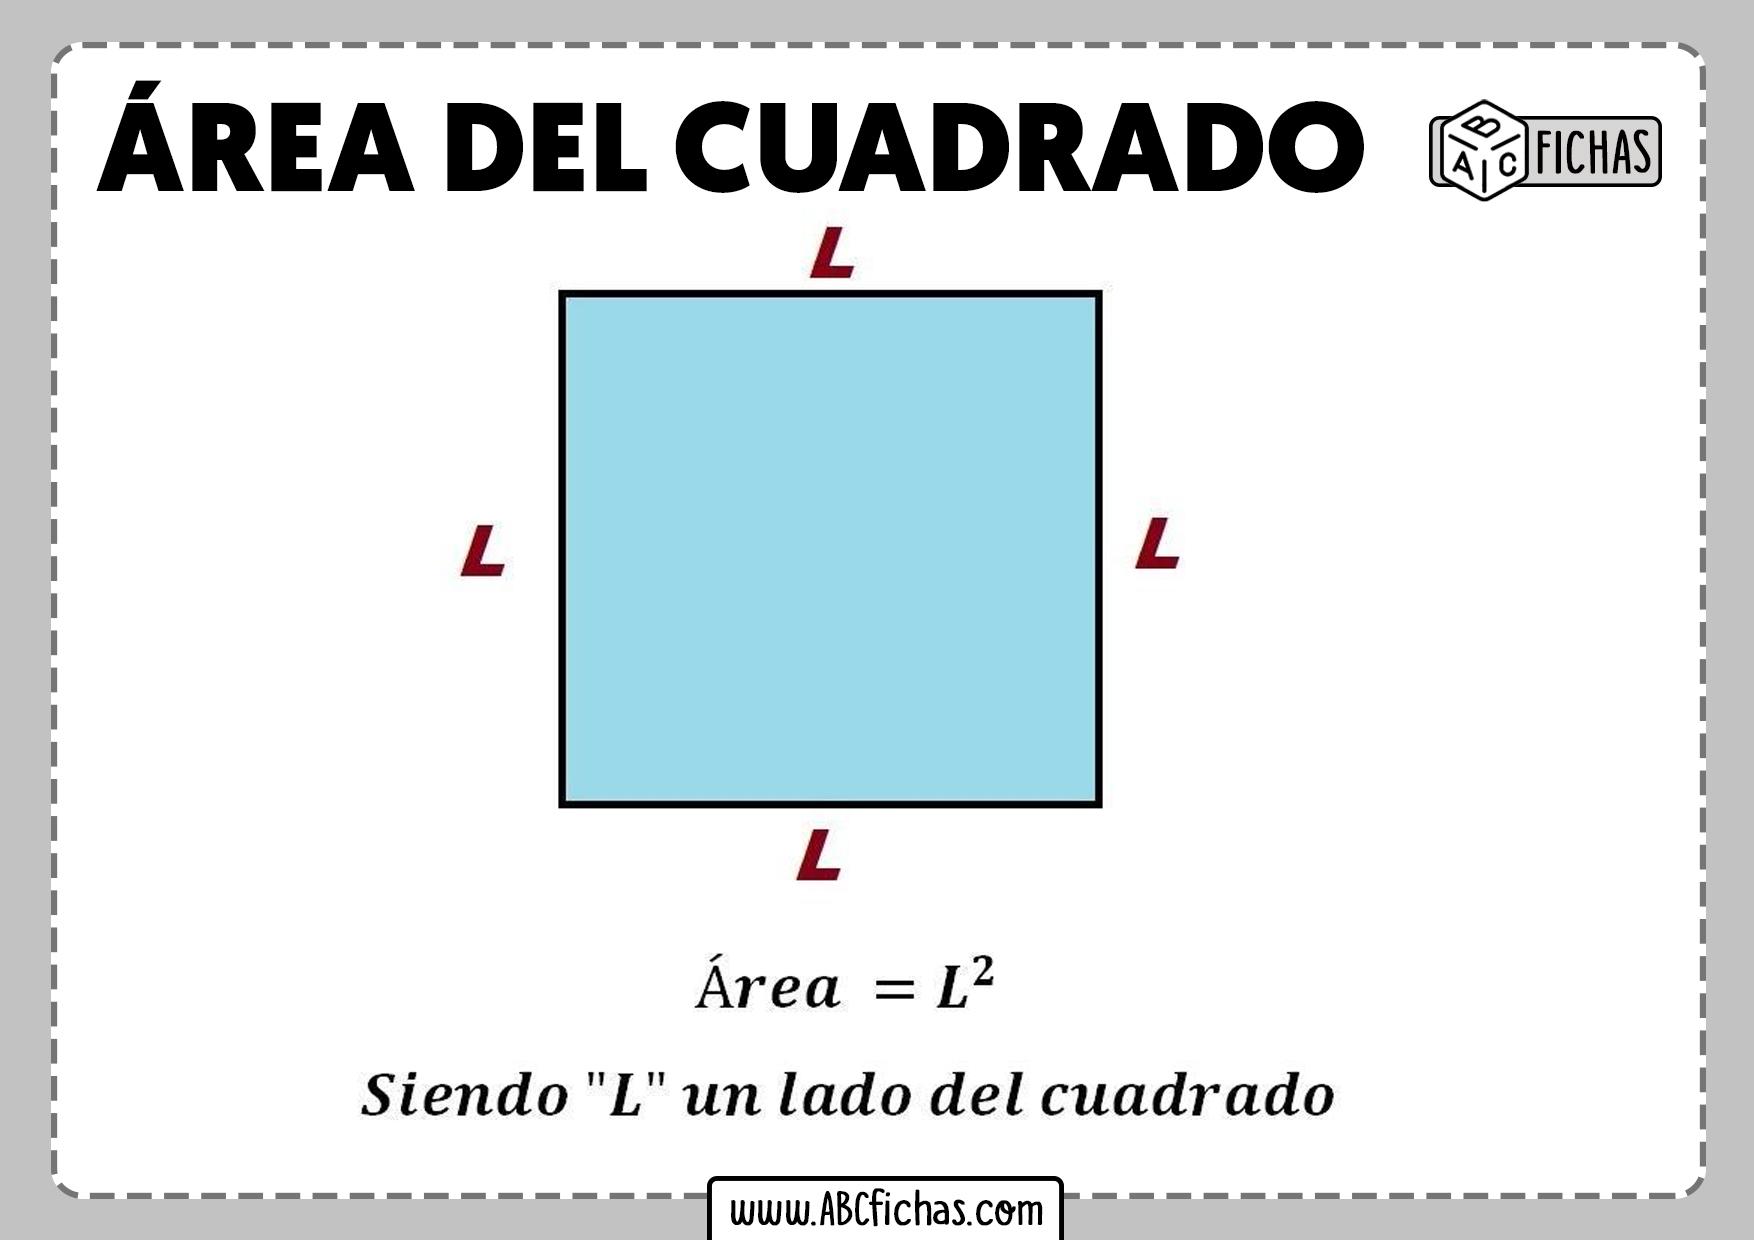 Area del cuadrado